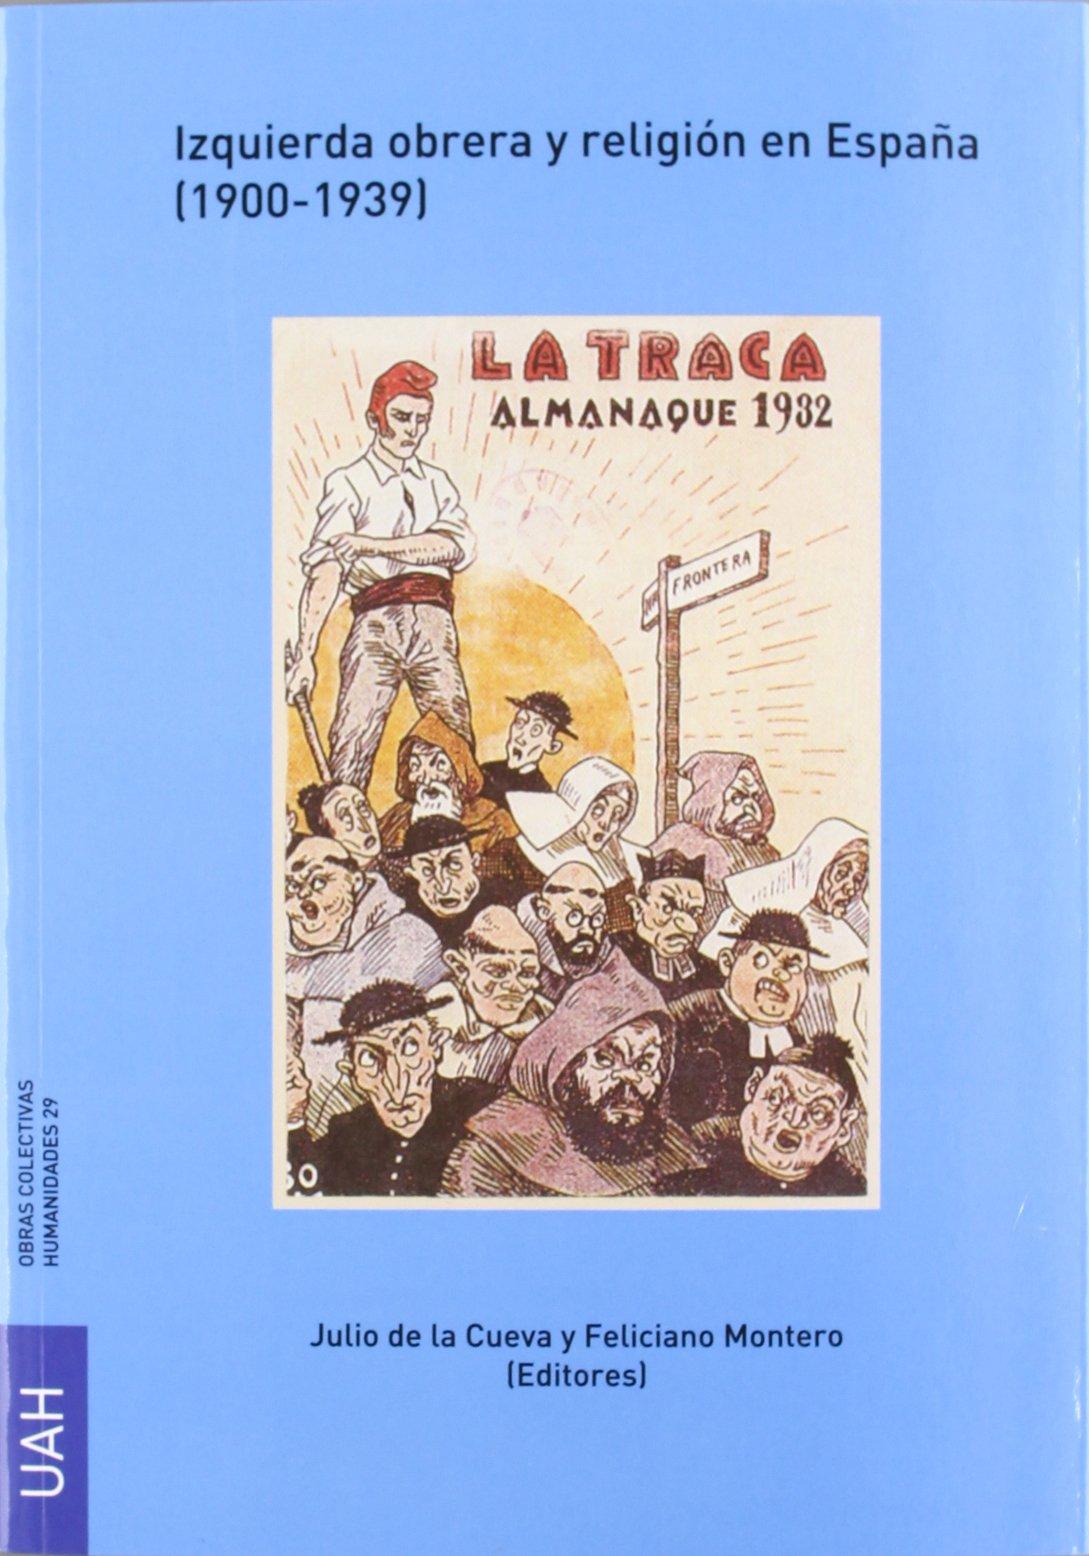 Izquierda obrera y religión en España (1900-1939): Amazon.es: De la Cueva Merino, Julio, Montero García, Feliciano: Libros